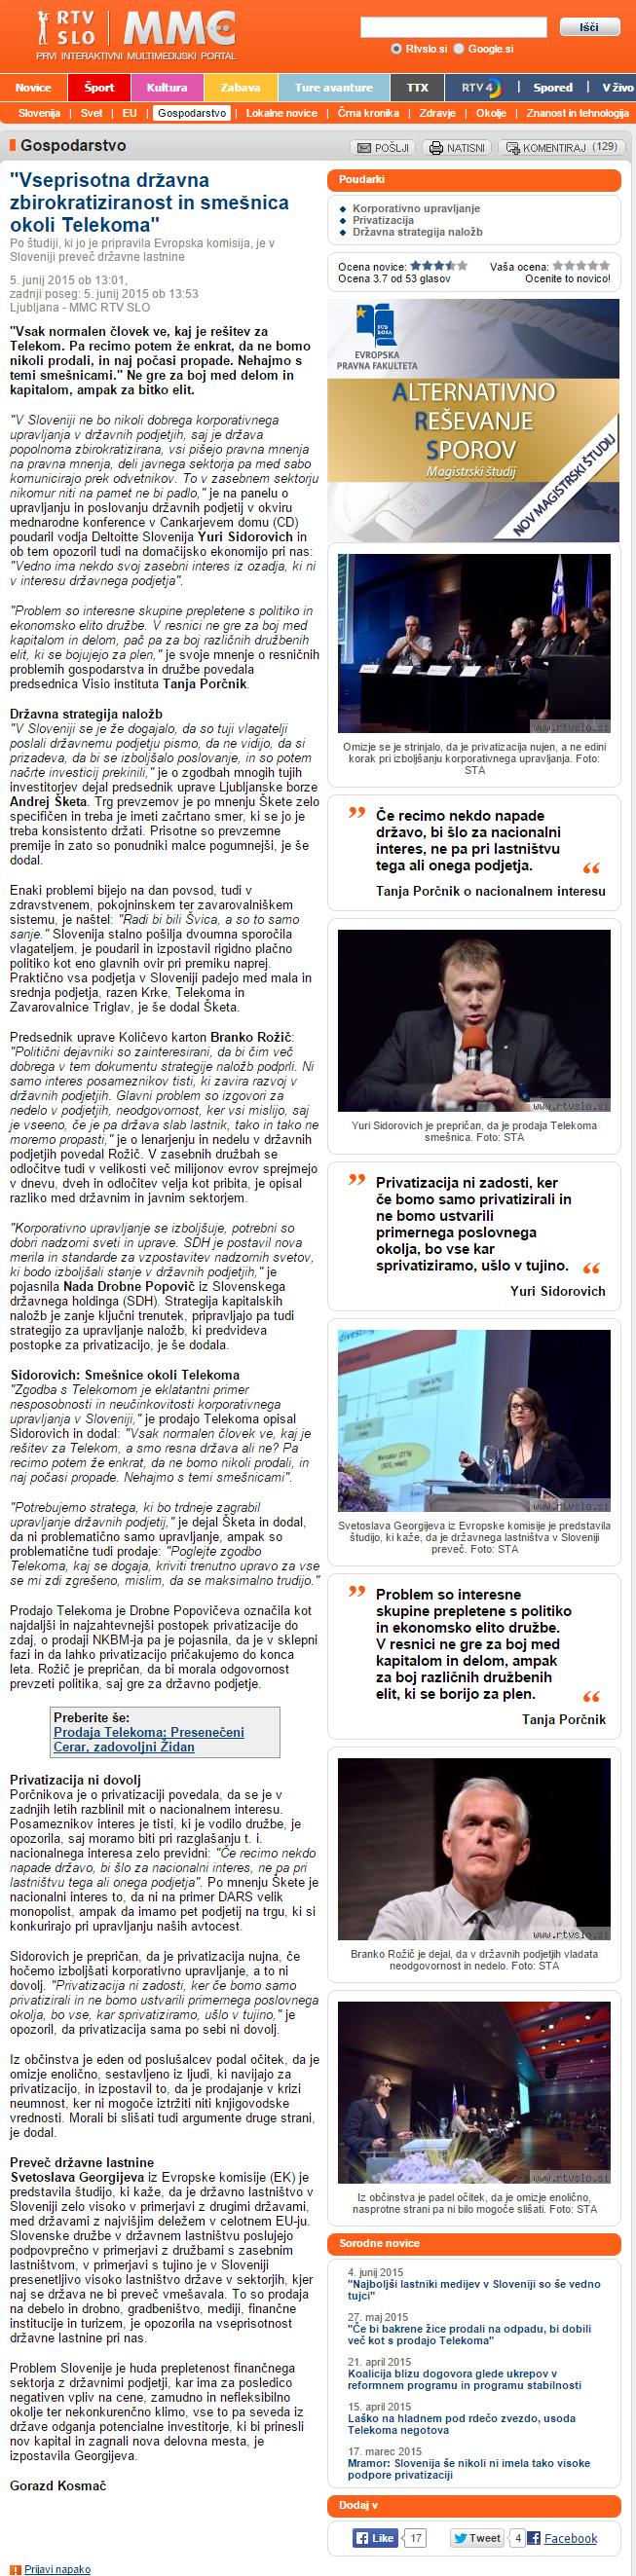 screencapture-www-rtvslo-si-gospodarstvo-vseprisotna-drzavna-zbirokratiziranost-in-smesnica-okoli-telekoma-366821-1436885268860